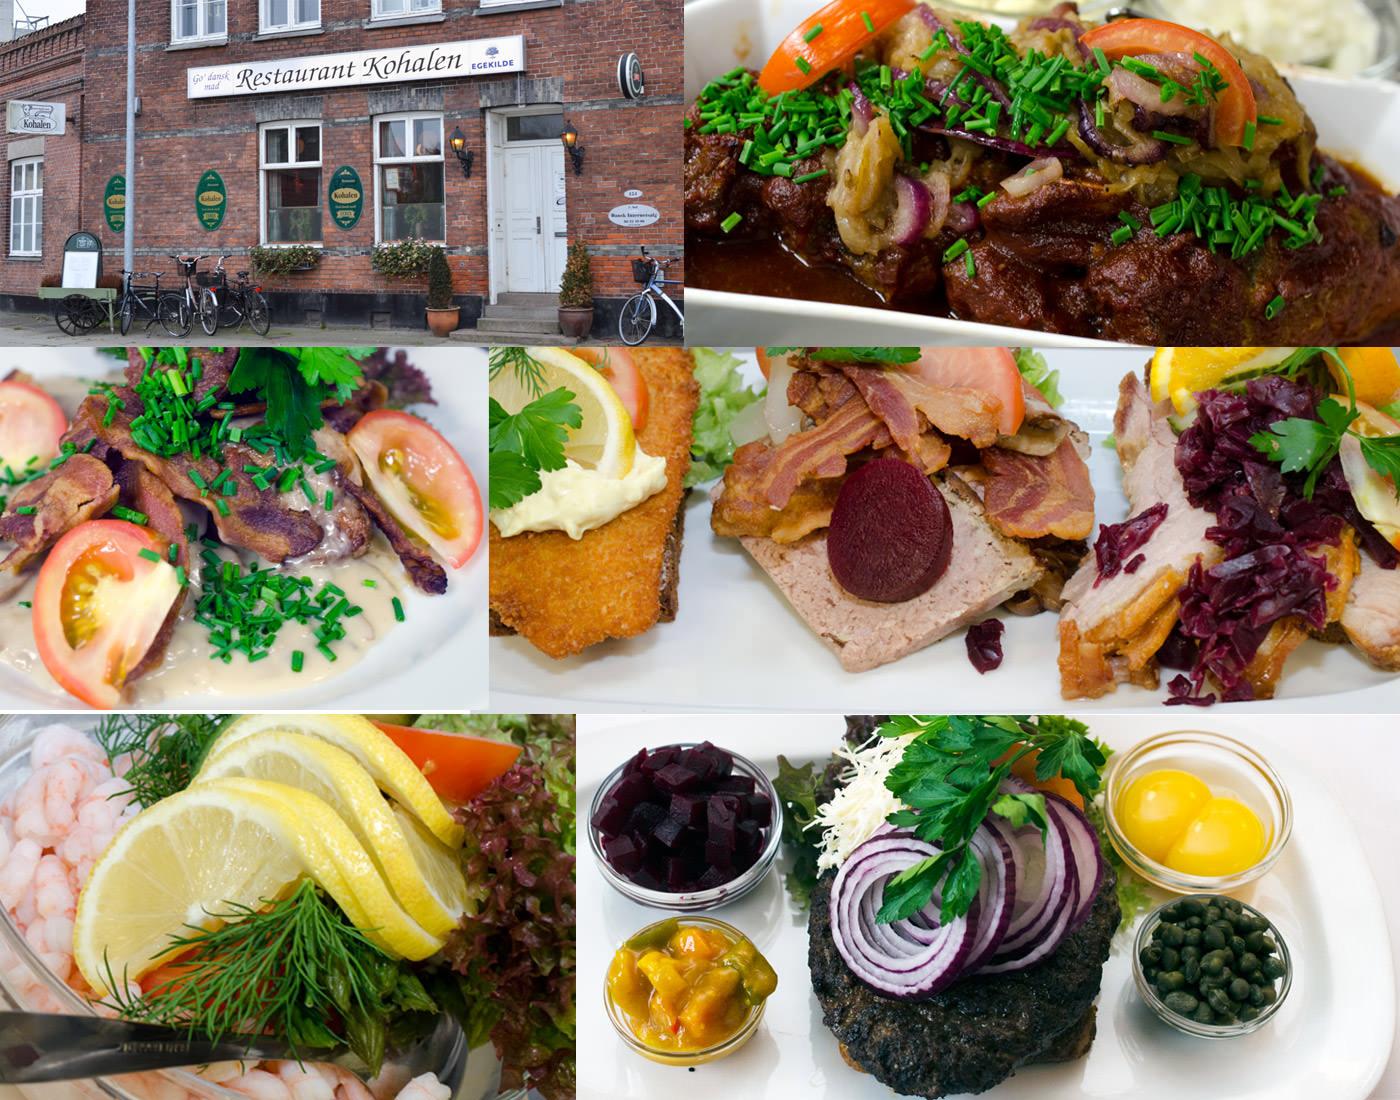 Frokost-på-Restaurant-Kohalen